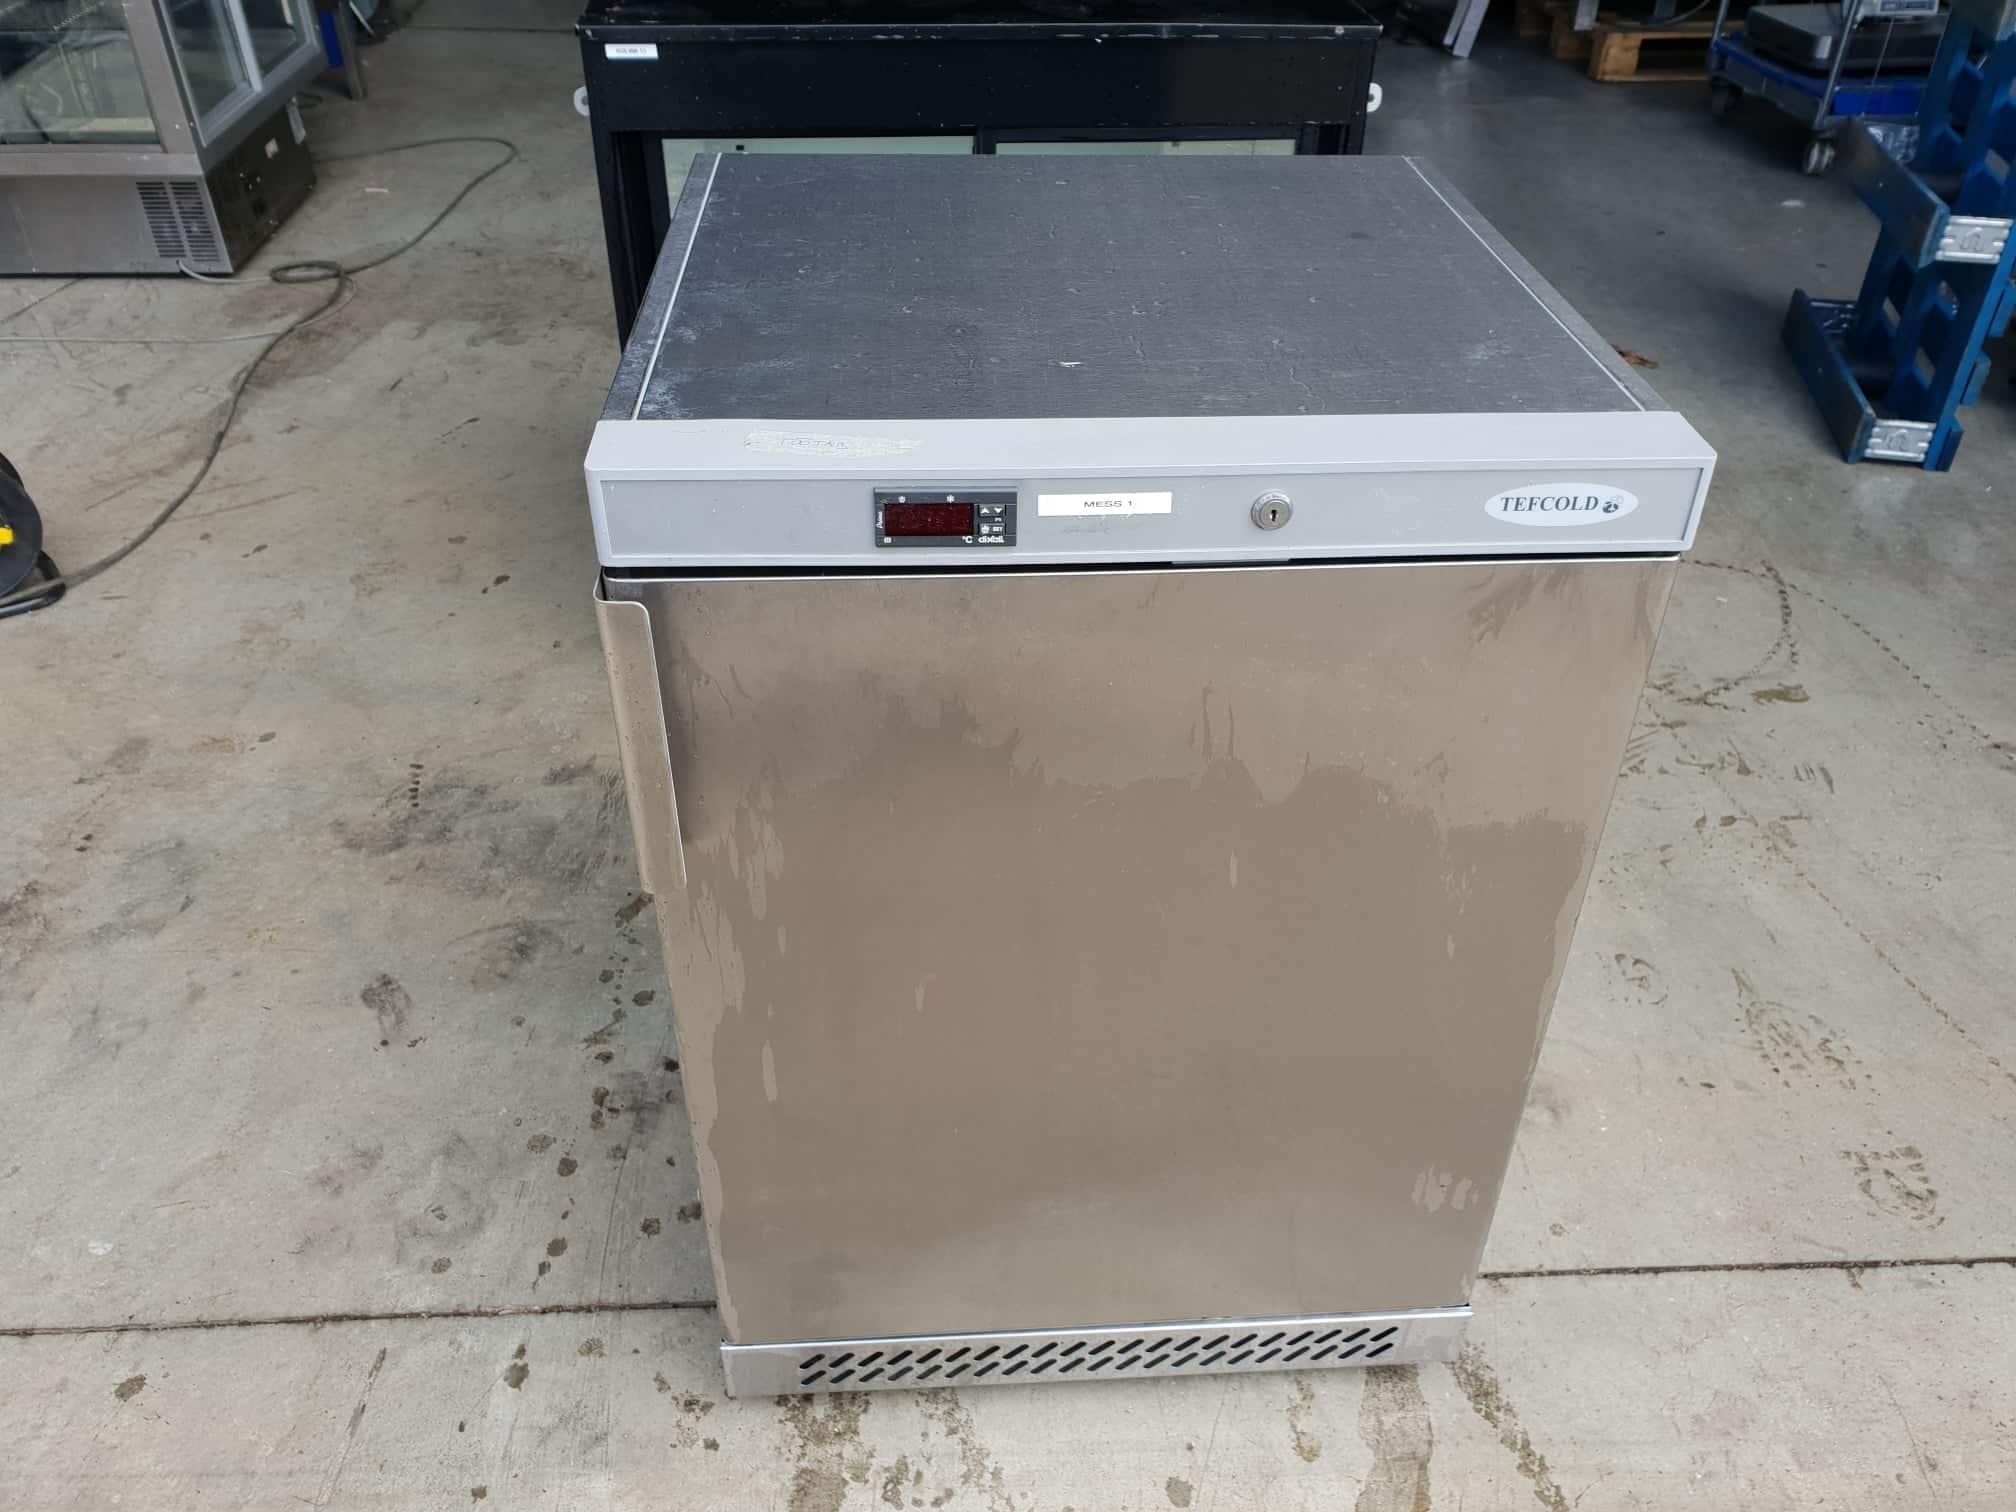 7452c664669 Külmkapp UR200S - Kreutz OÜ - Külmseadmed ja suurköögiseadmed